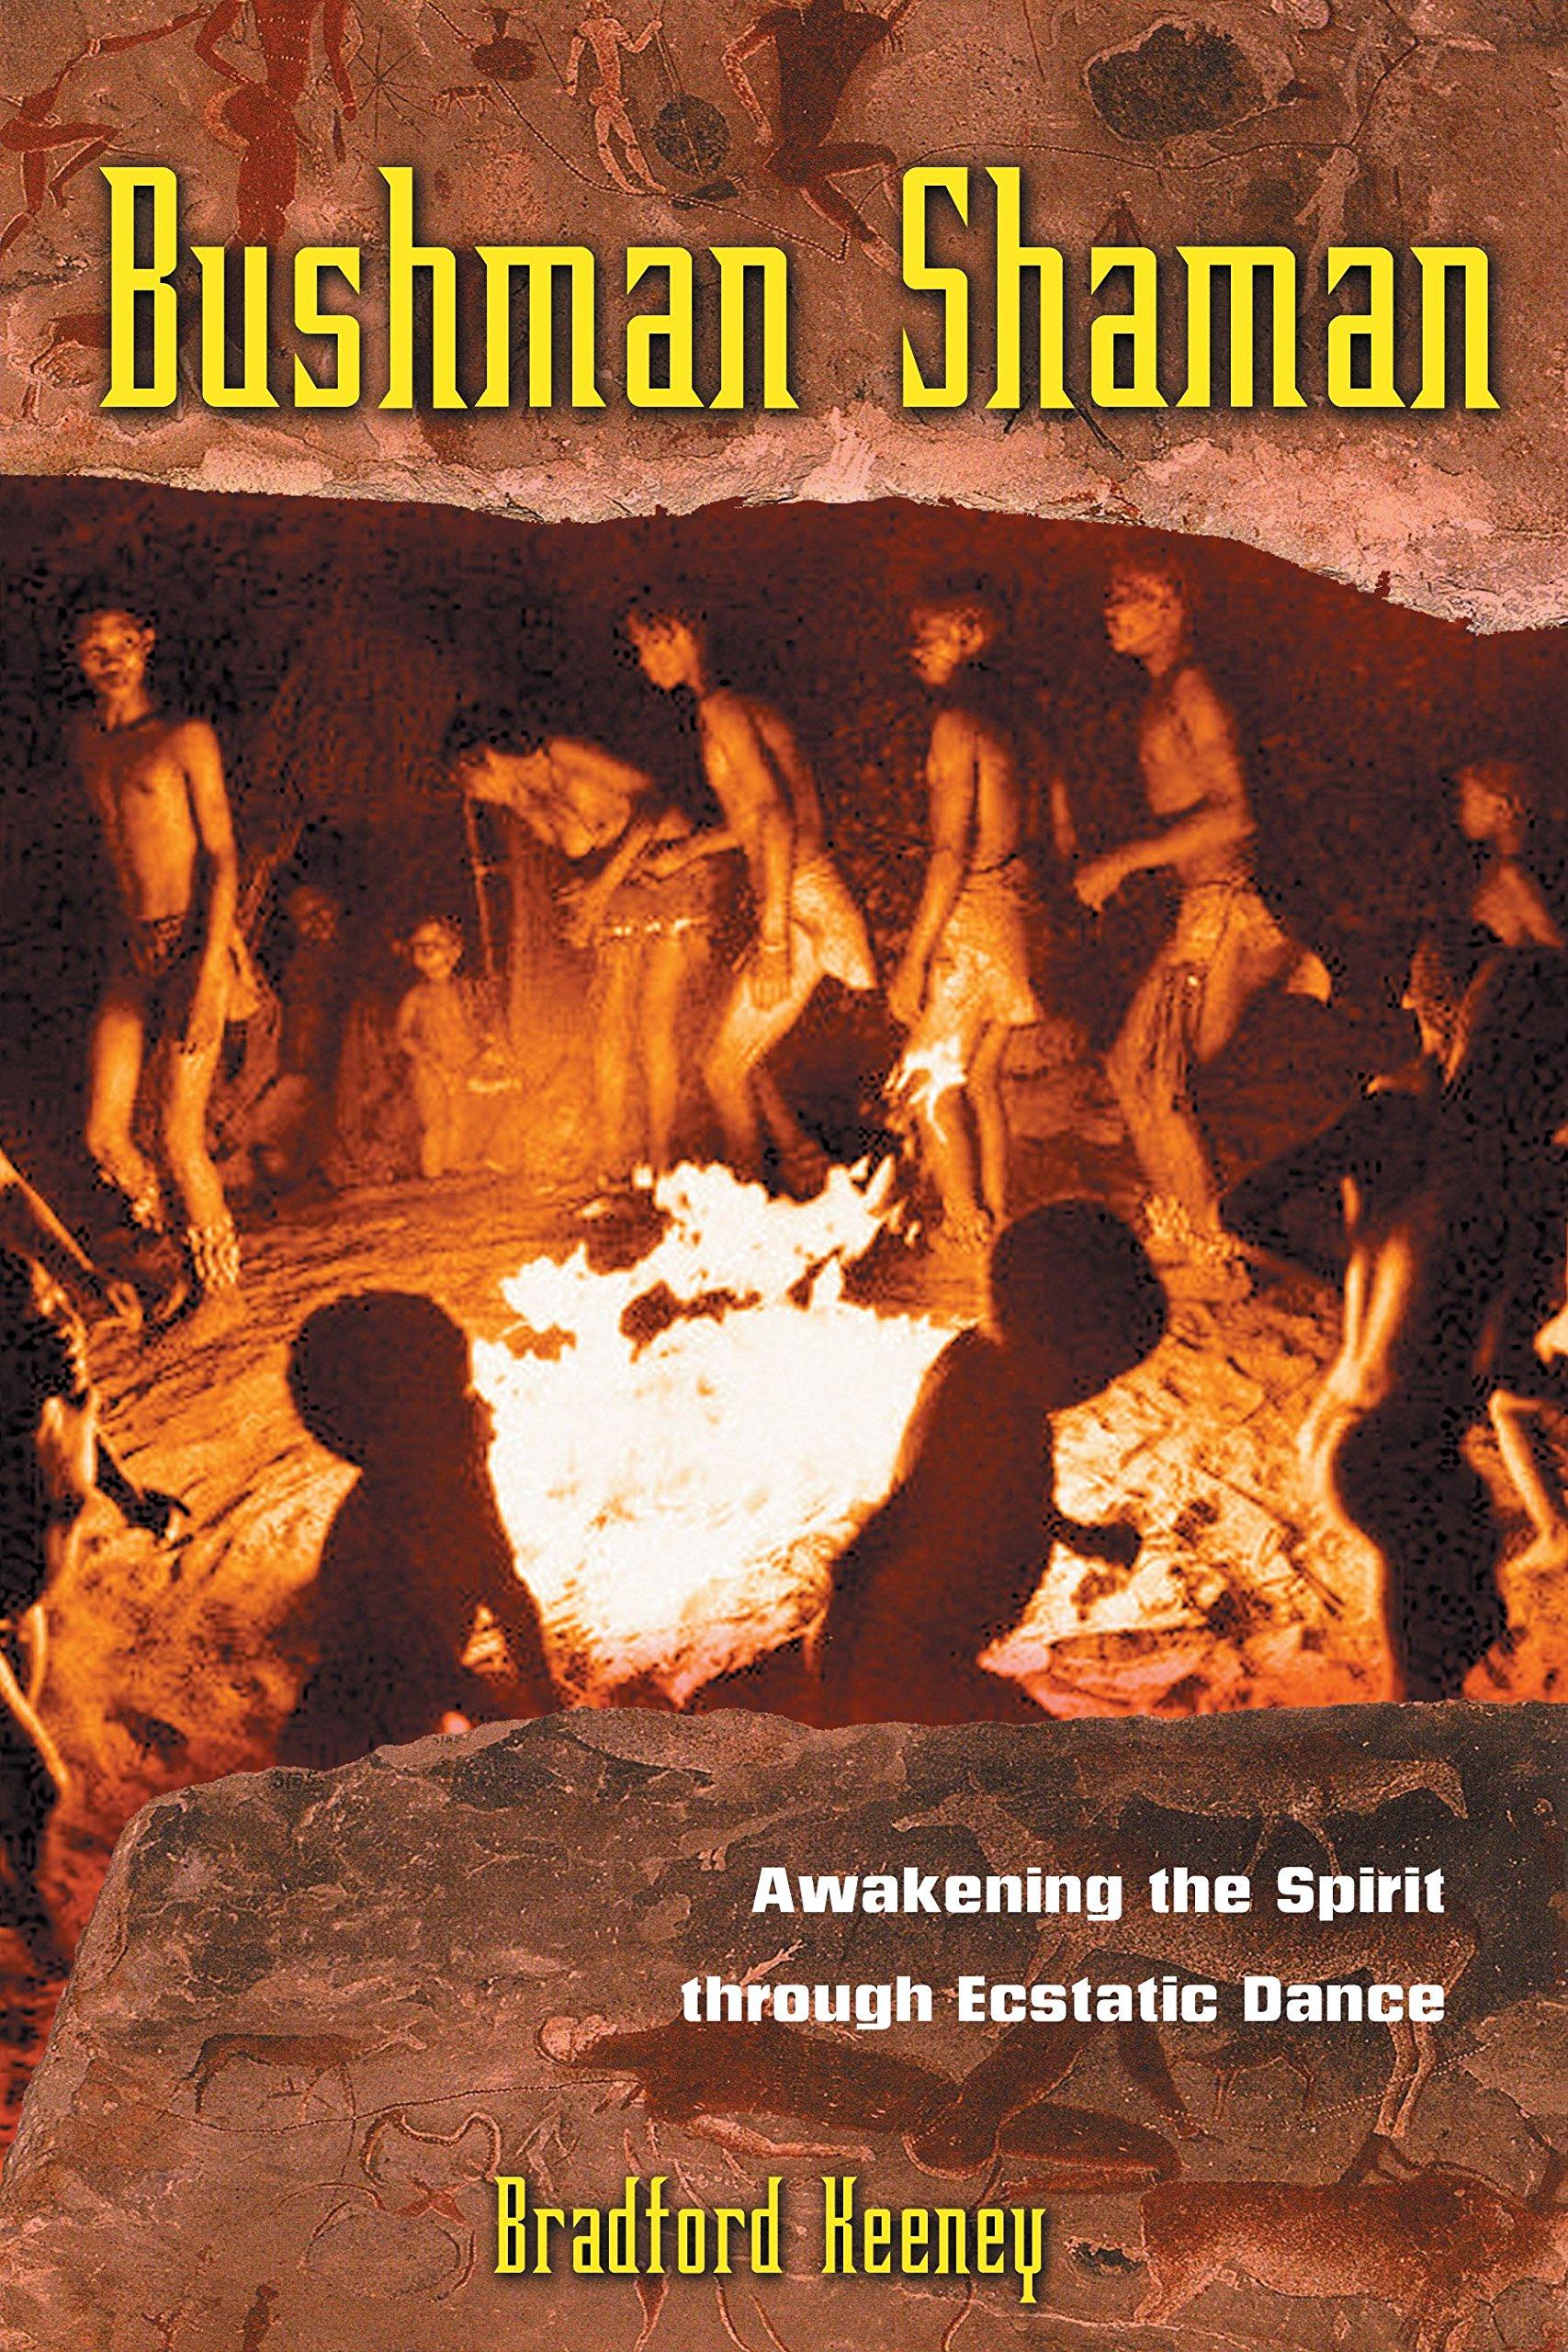 Bushman Shaman: Awakening the Spirit through Ecstatic Dance